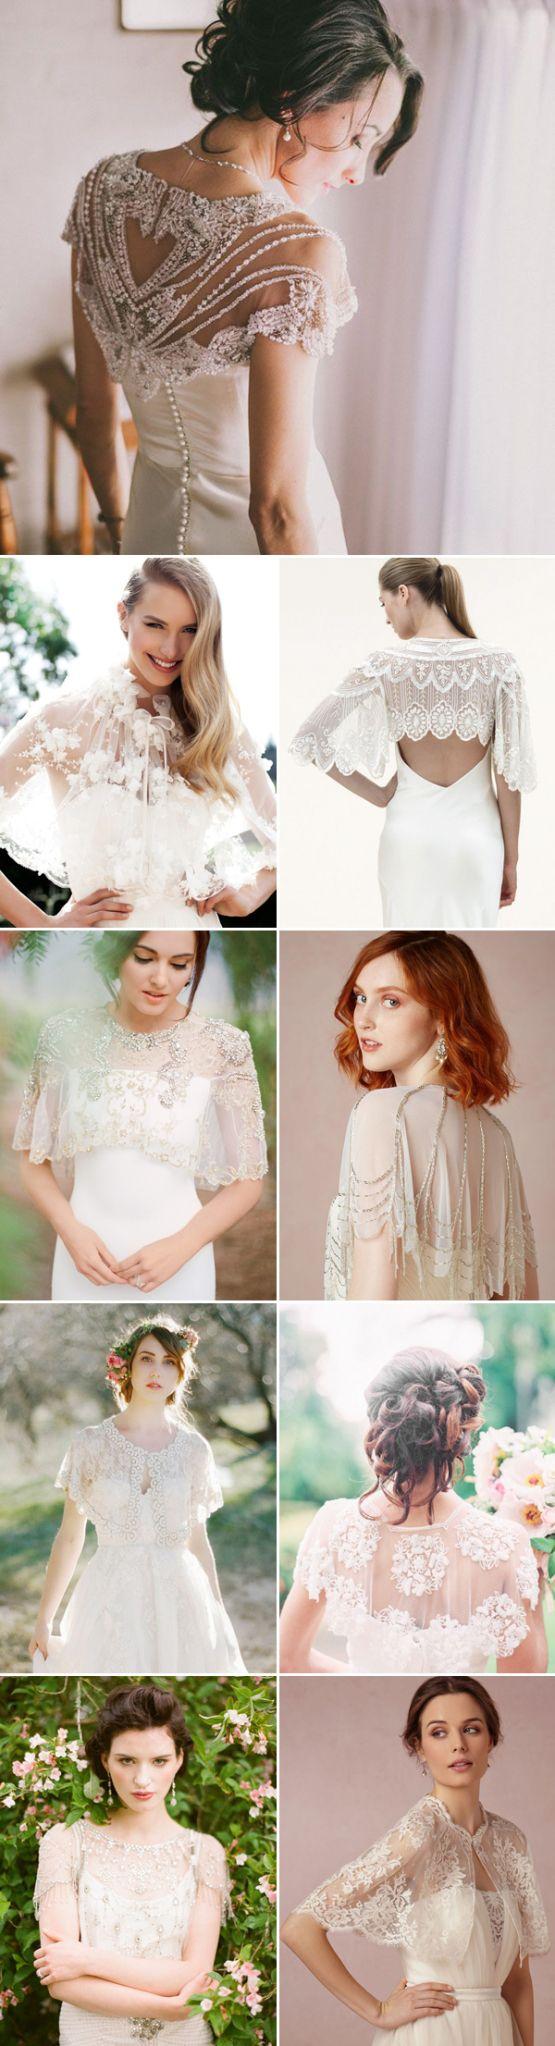 best Bridal Shower Favors images on Pinterest Bridal shower